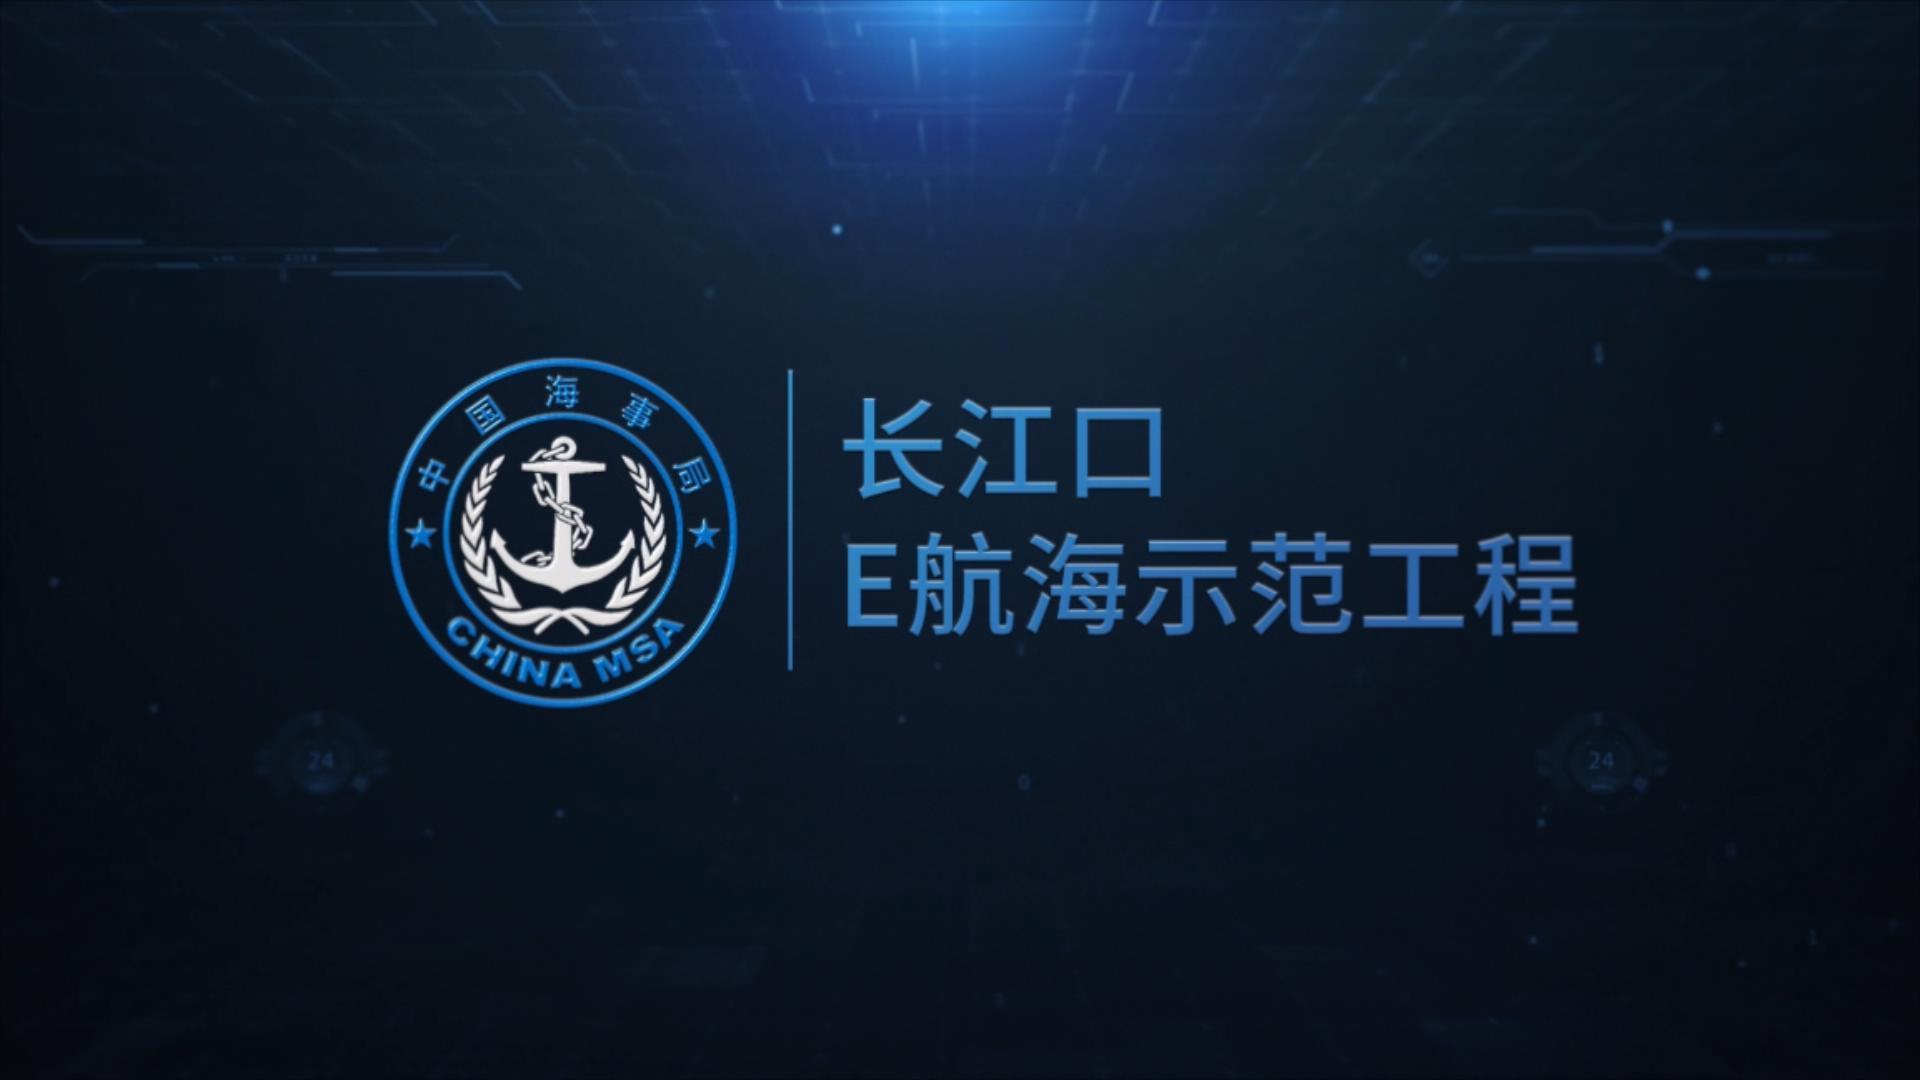 长江口E航海中文版